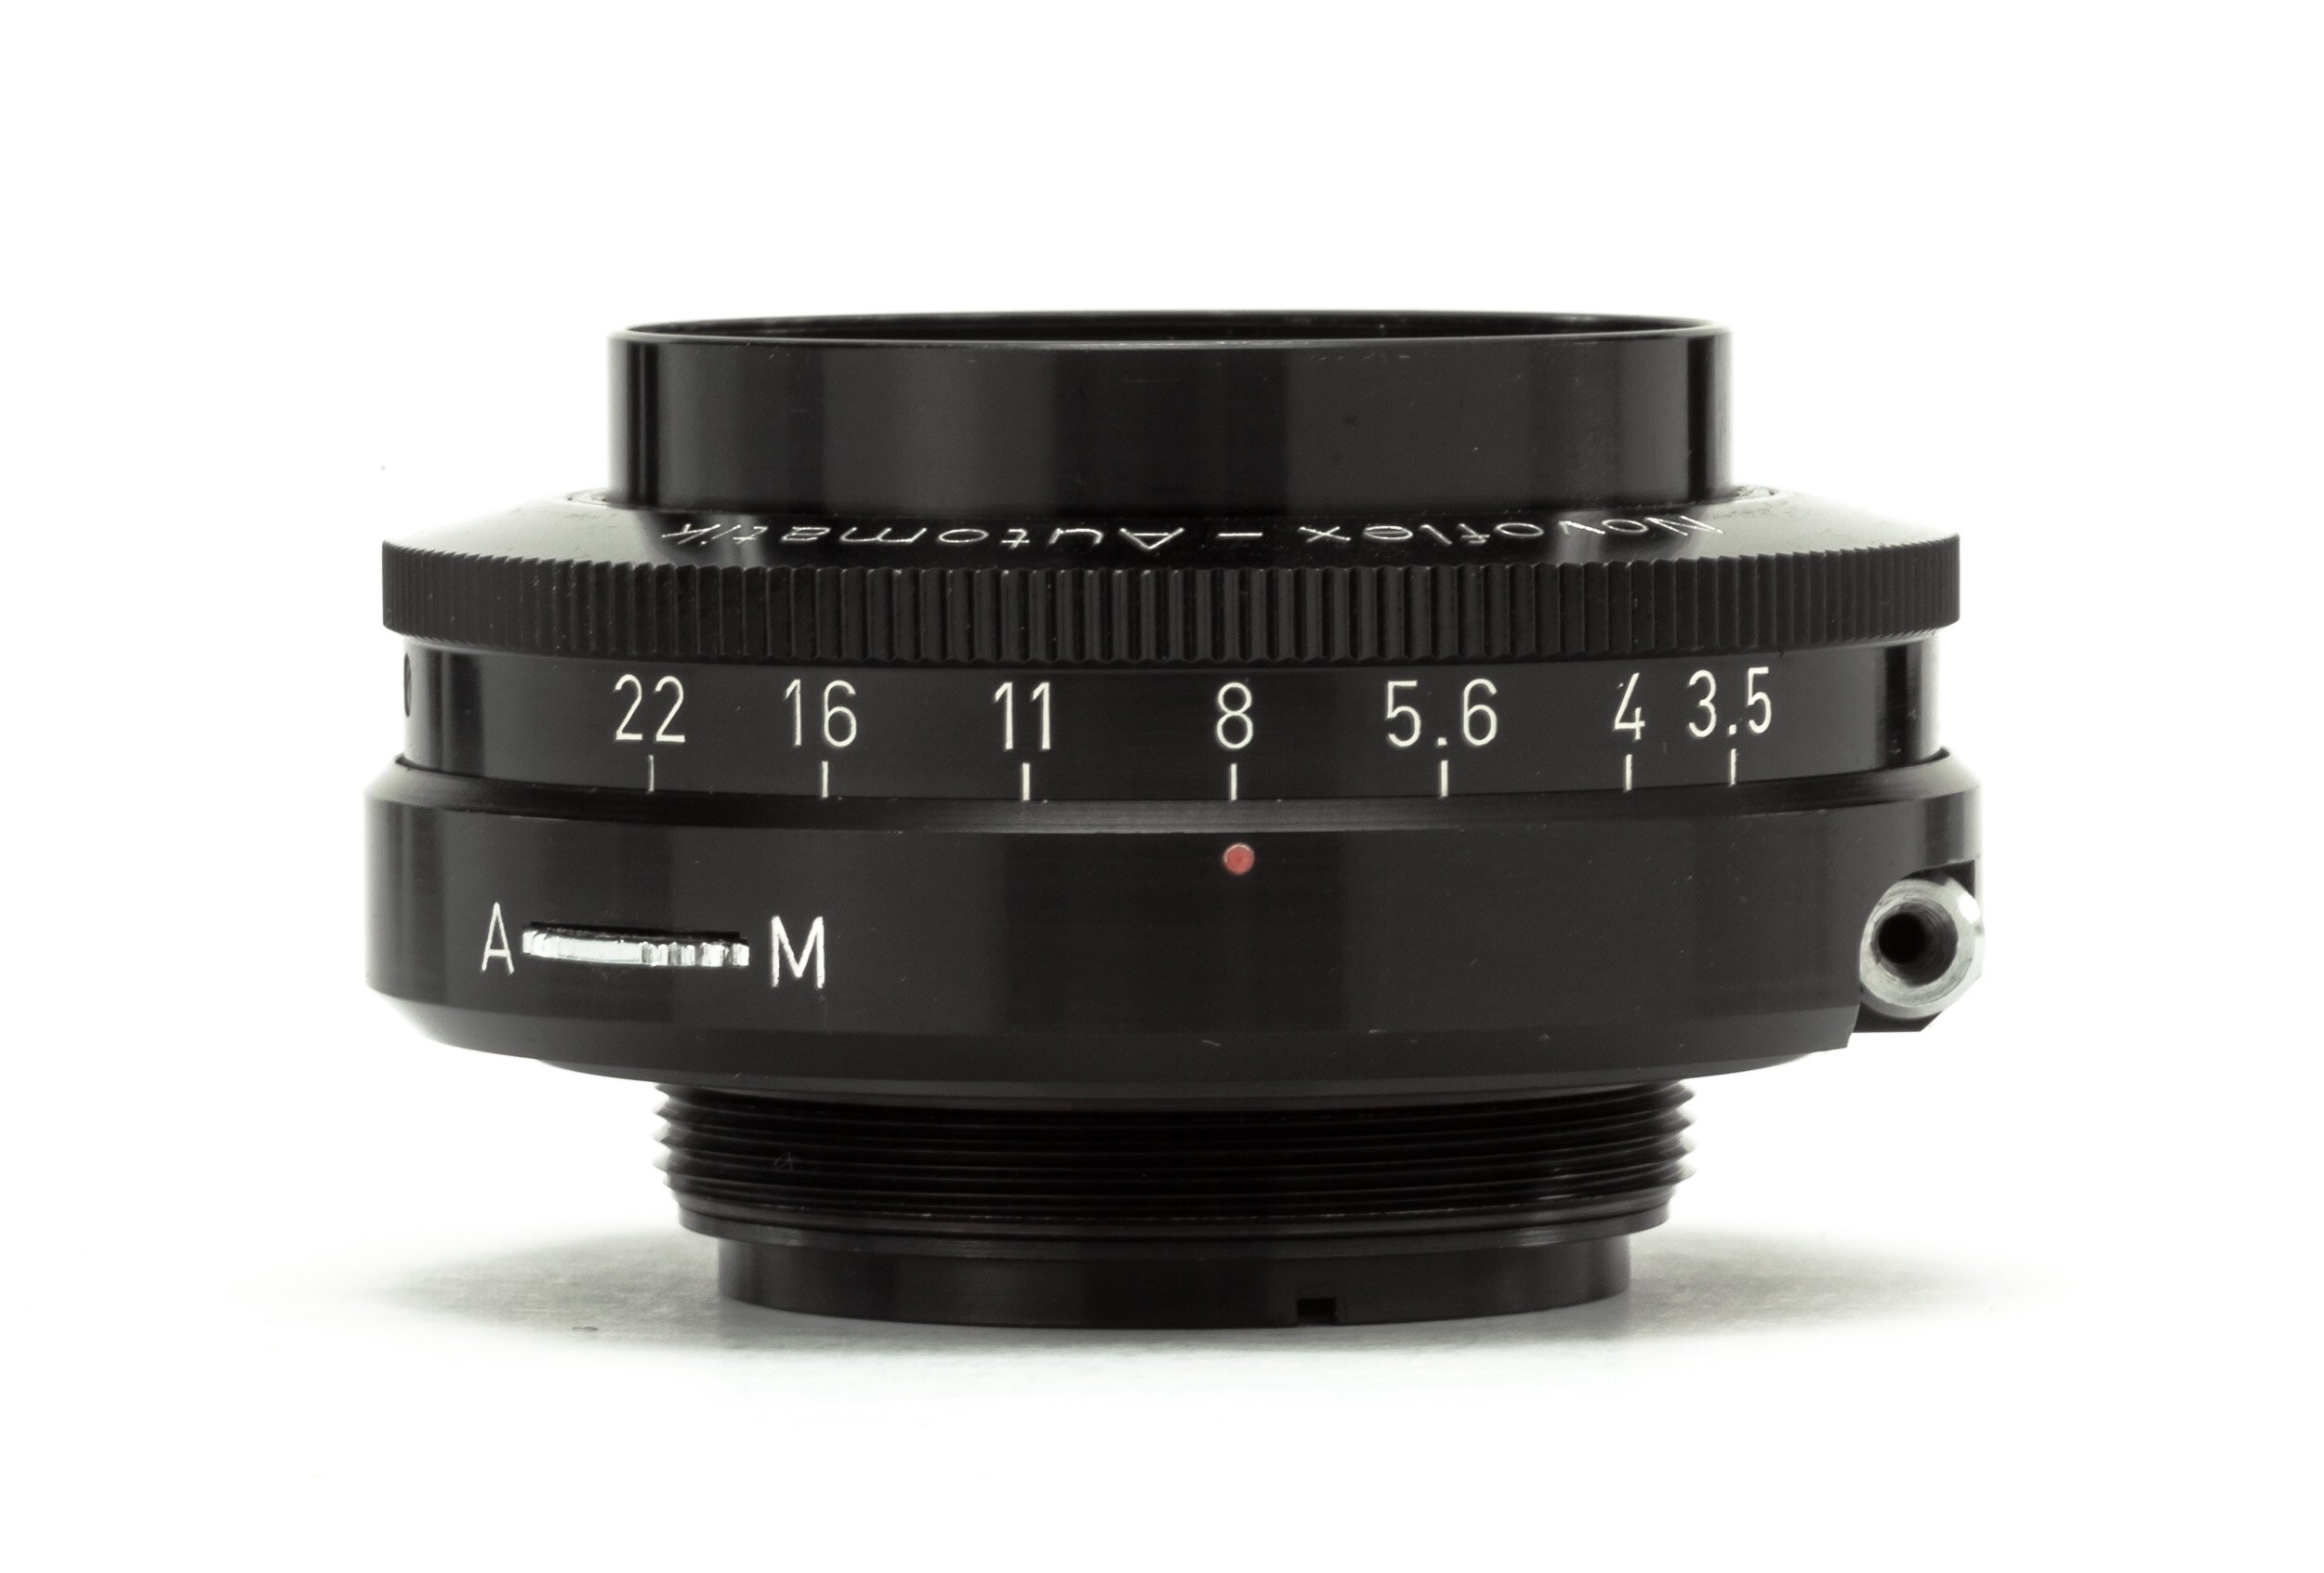 Novoflex M39 3,5/105mm Novoflex-Automatik R Novoflexar